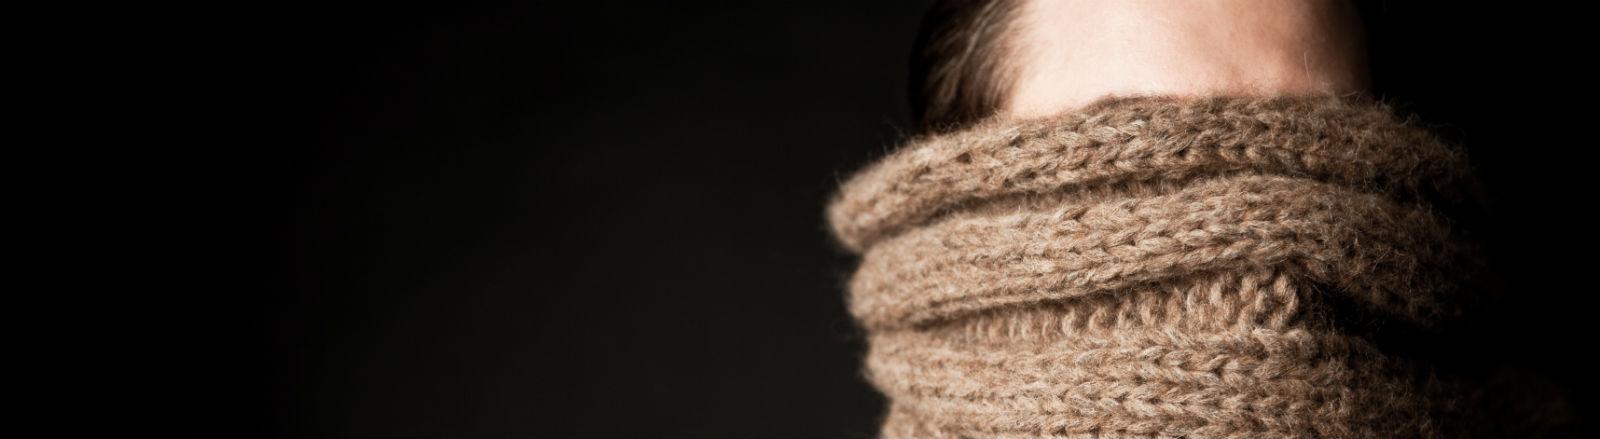 Ein Mann mit einem braunen Schal vorm Gesicht.